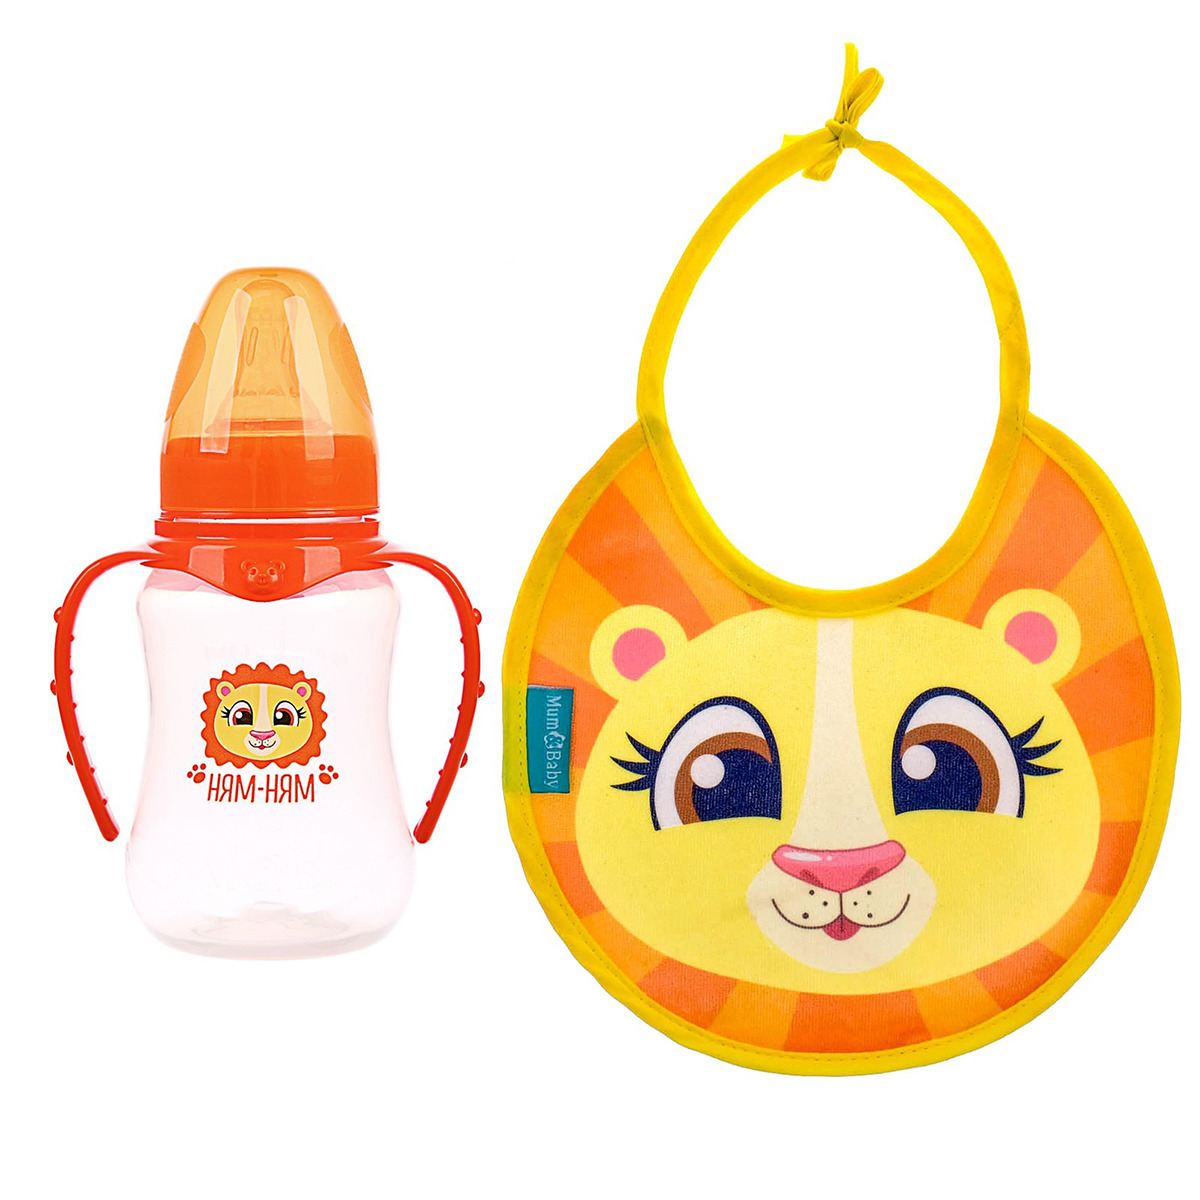 наборы для кормления Набор Mum&Baby Львенок Лео, 3654358, бутылочка для кормления 150 мл + нагрудник